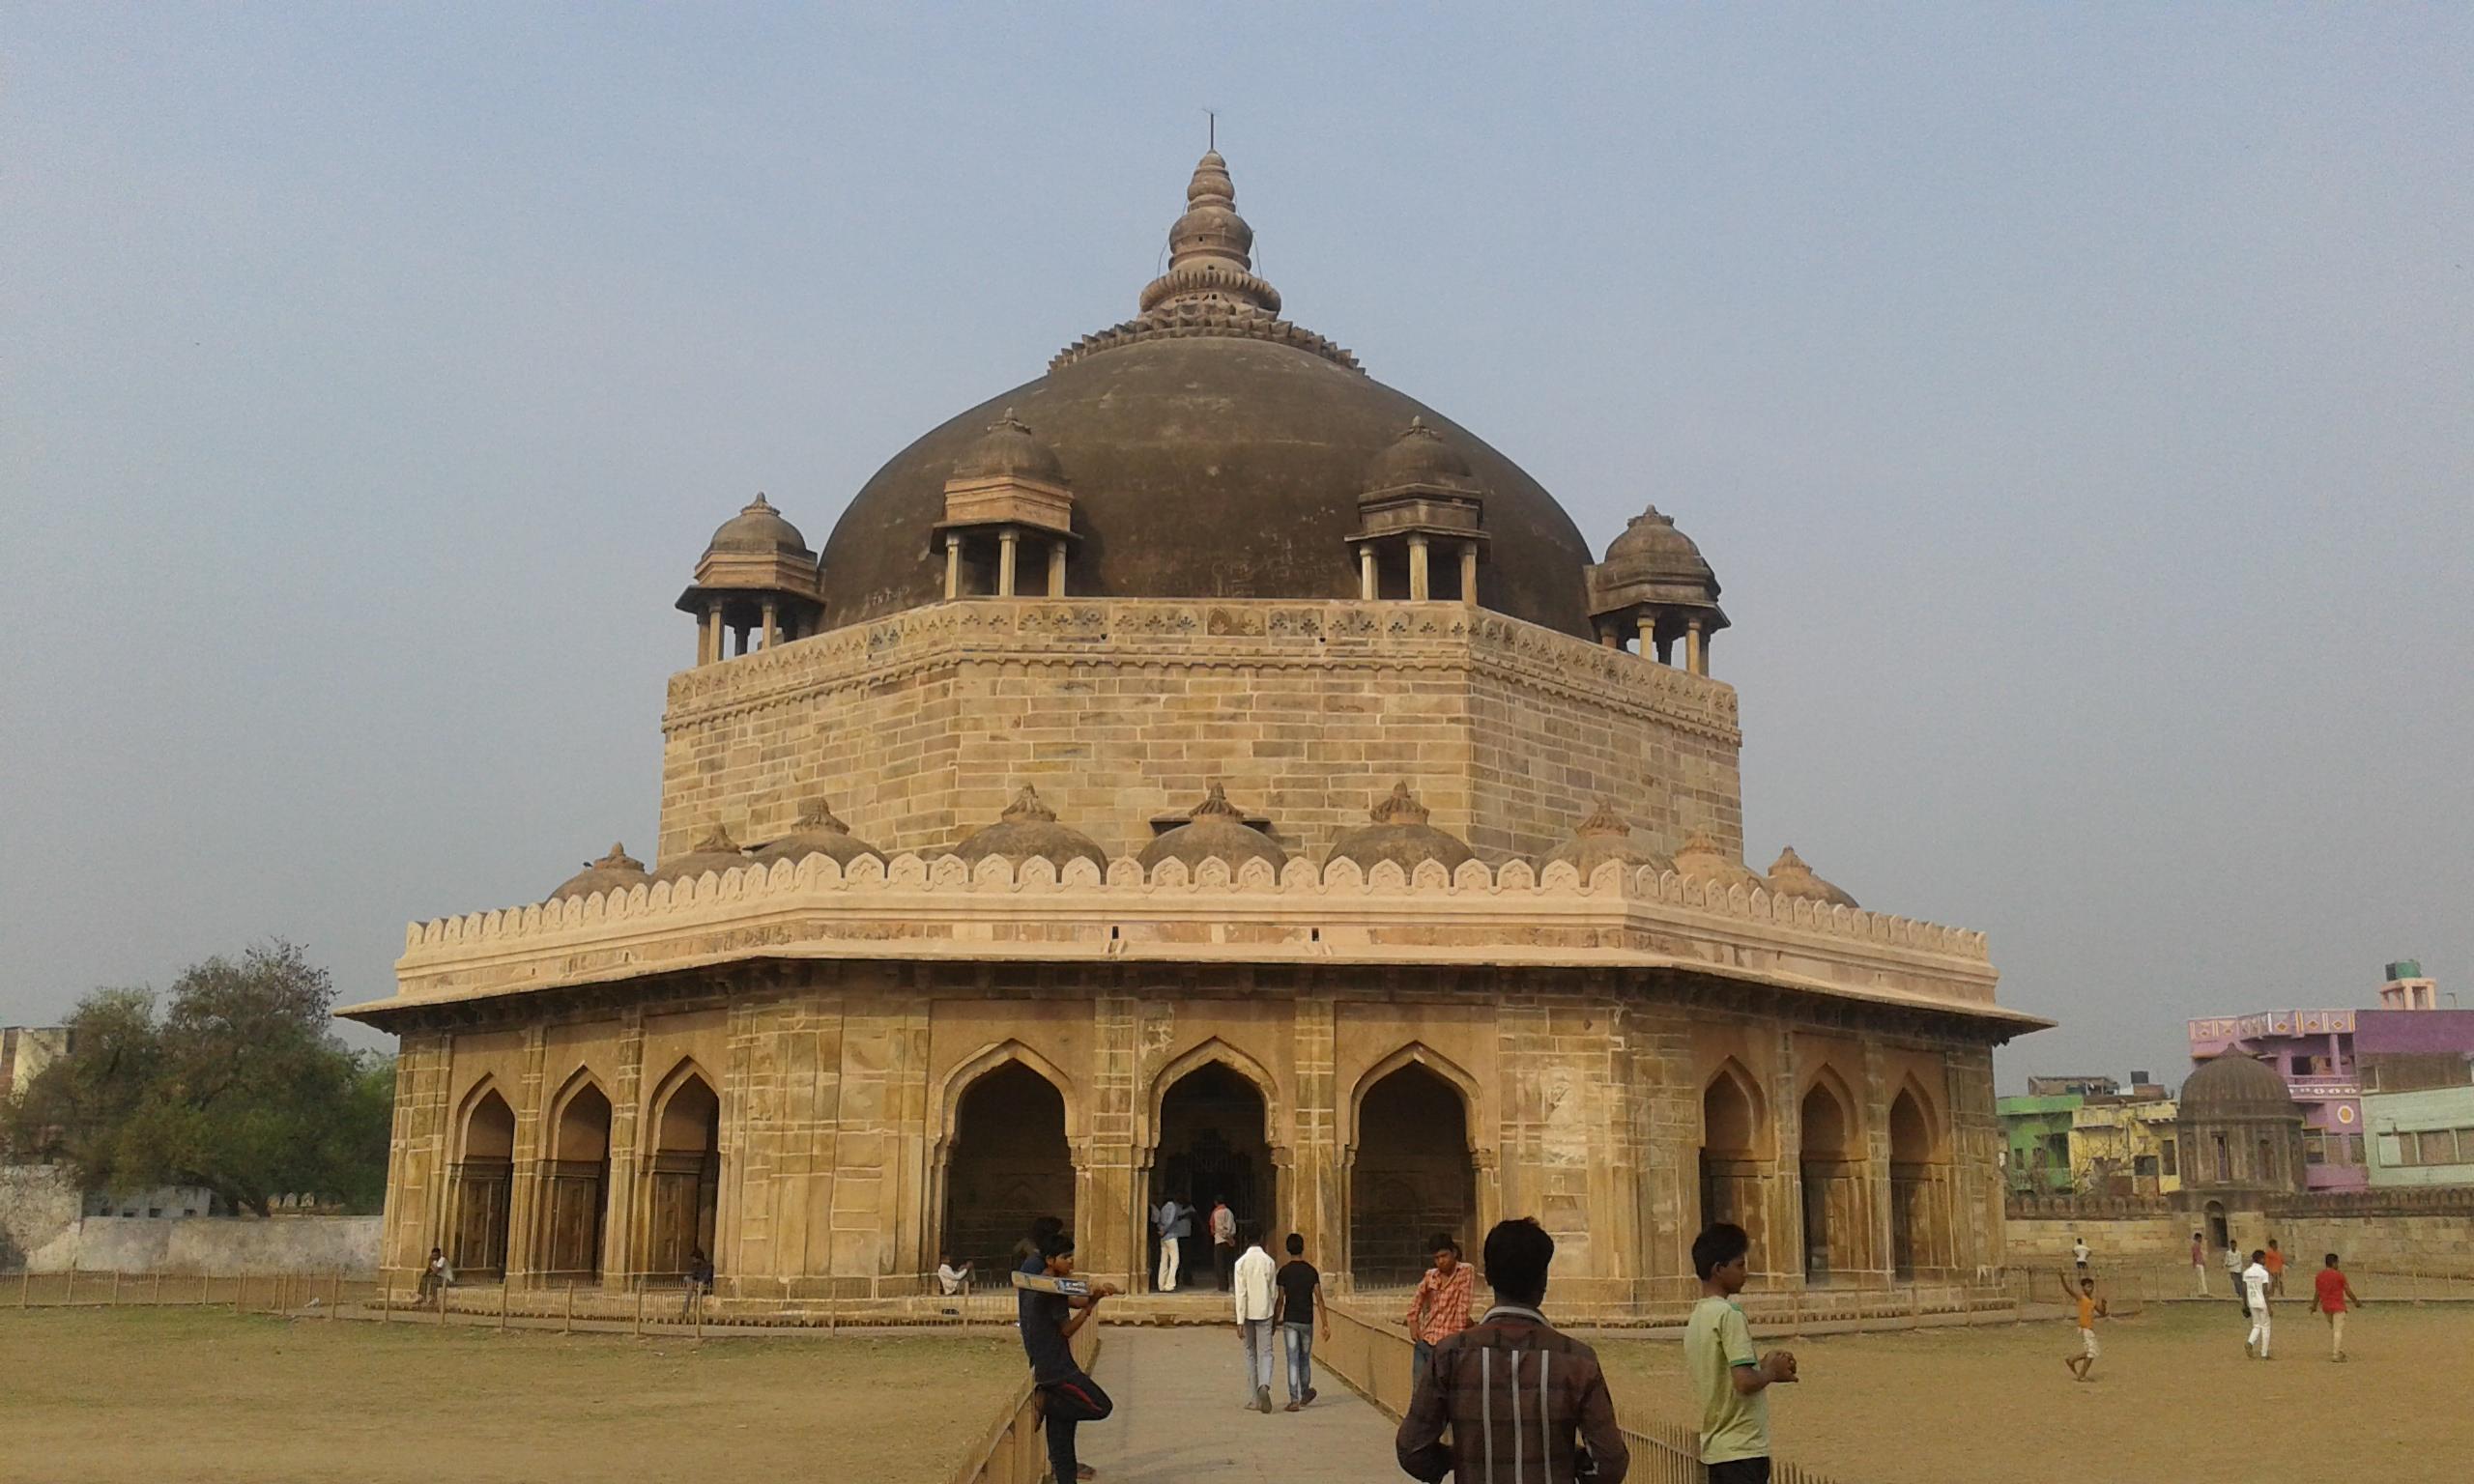 Hasanshah suri Tomb